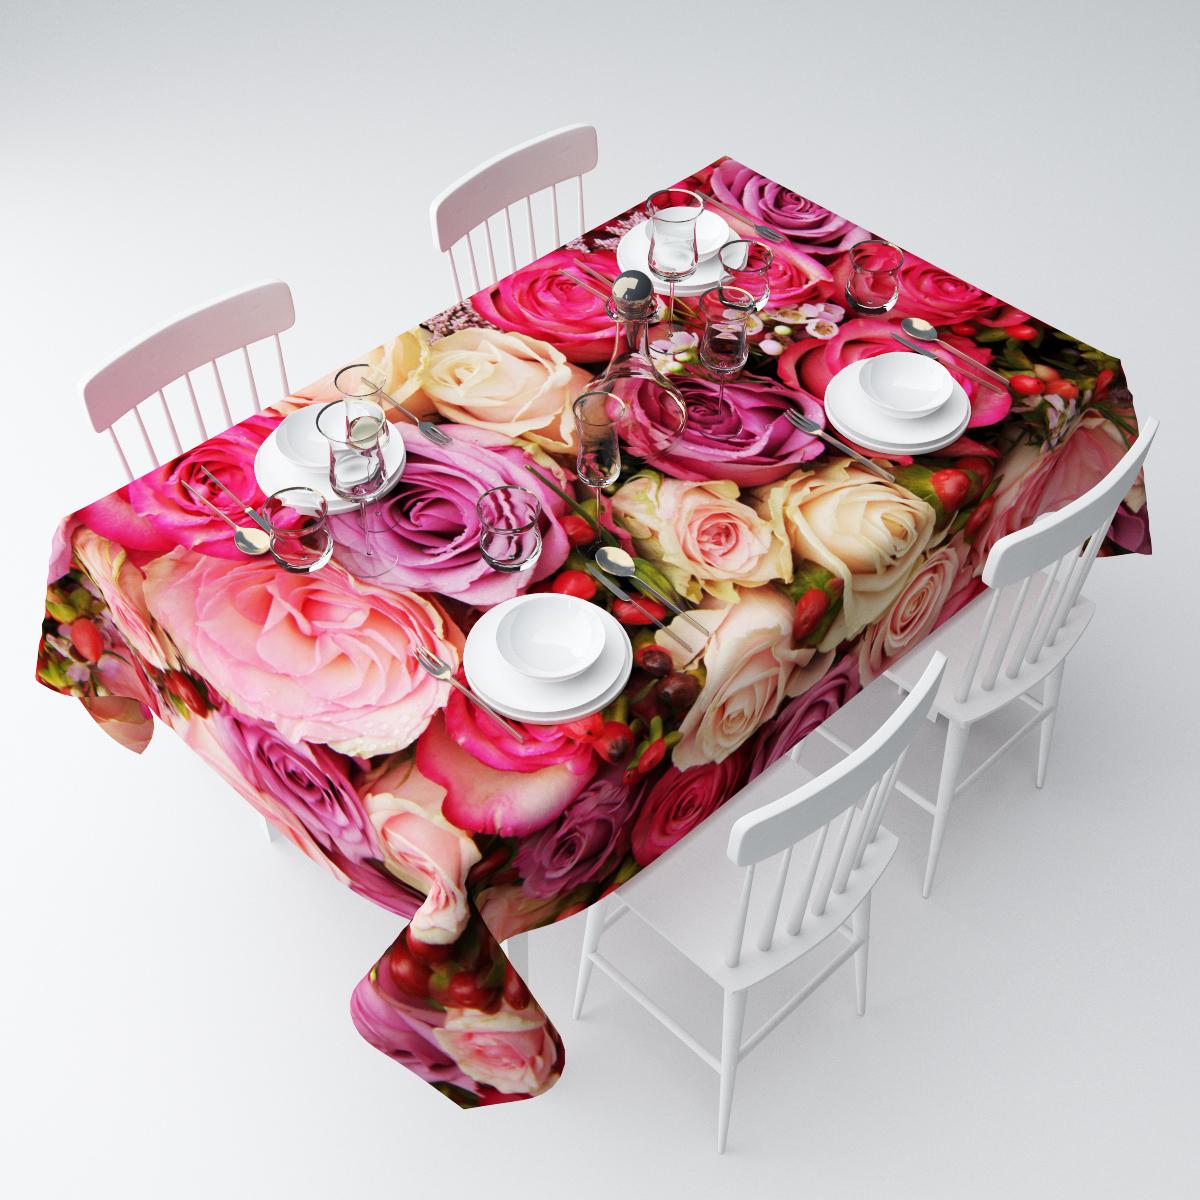 """Прямоугольная скатерть Сирень """"Восхитительный букет роз"""", выполненная из  габардина с ярким рисунком, преобразит вашу кухню, визуально  расширит пространство, создаст атмосферу радости и комфорта.    Рекомендации по уходу: стирка при 30 градусах, гладить при температуре до 110  градусов.   Размер скатерти: 145 х 120 см.  Изображение может немного отличаться от реального."""